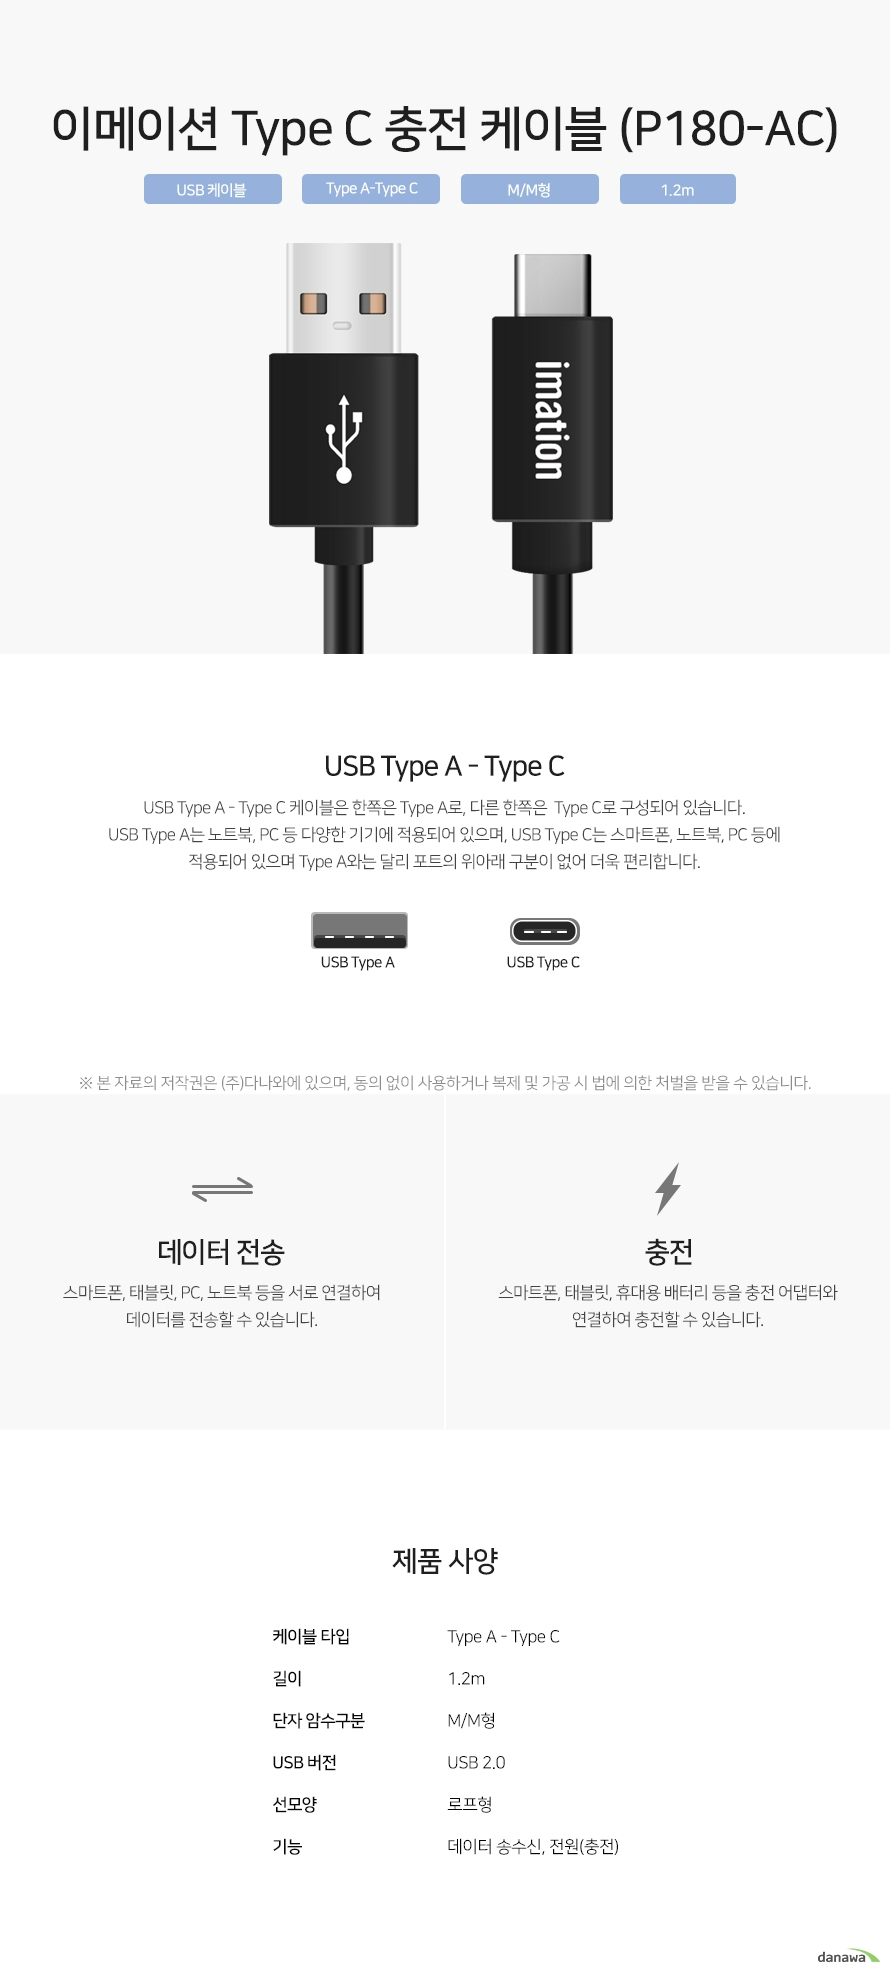 이메이션 Type C 충전 케이블 (P180-AC) USB Type A - Type C 케이블은 한쪽은 Type A로, 다른 한쪽은  Type C로 구성되어 있습니다. USB Type A는 노트북, PC 등 다양한 기기에 적용되어 있으며, USB Type C는 스마트폰, 노트북, PC 등에 적용되어 있으며 Type A와는 달리 포트의 위아래 구분이 없어 더욱 편리합니다. 스마트폰, 태블릿, PC, 노트북 등을 서로 연결하여 데이터를 전송할 수 있습니다. 스마트폰, 태블릿, 휴대용 배터리 등을 충전 어댑터와 연결하여 충전할 수 있습니다.